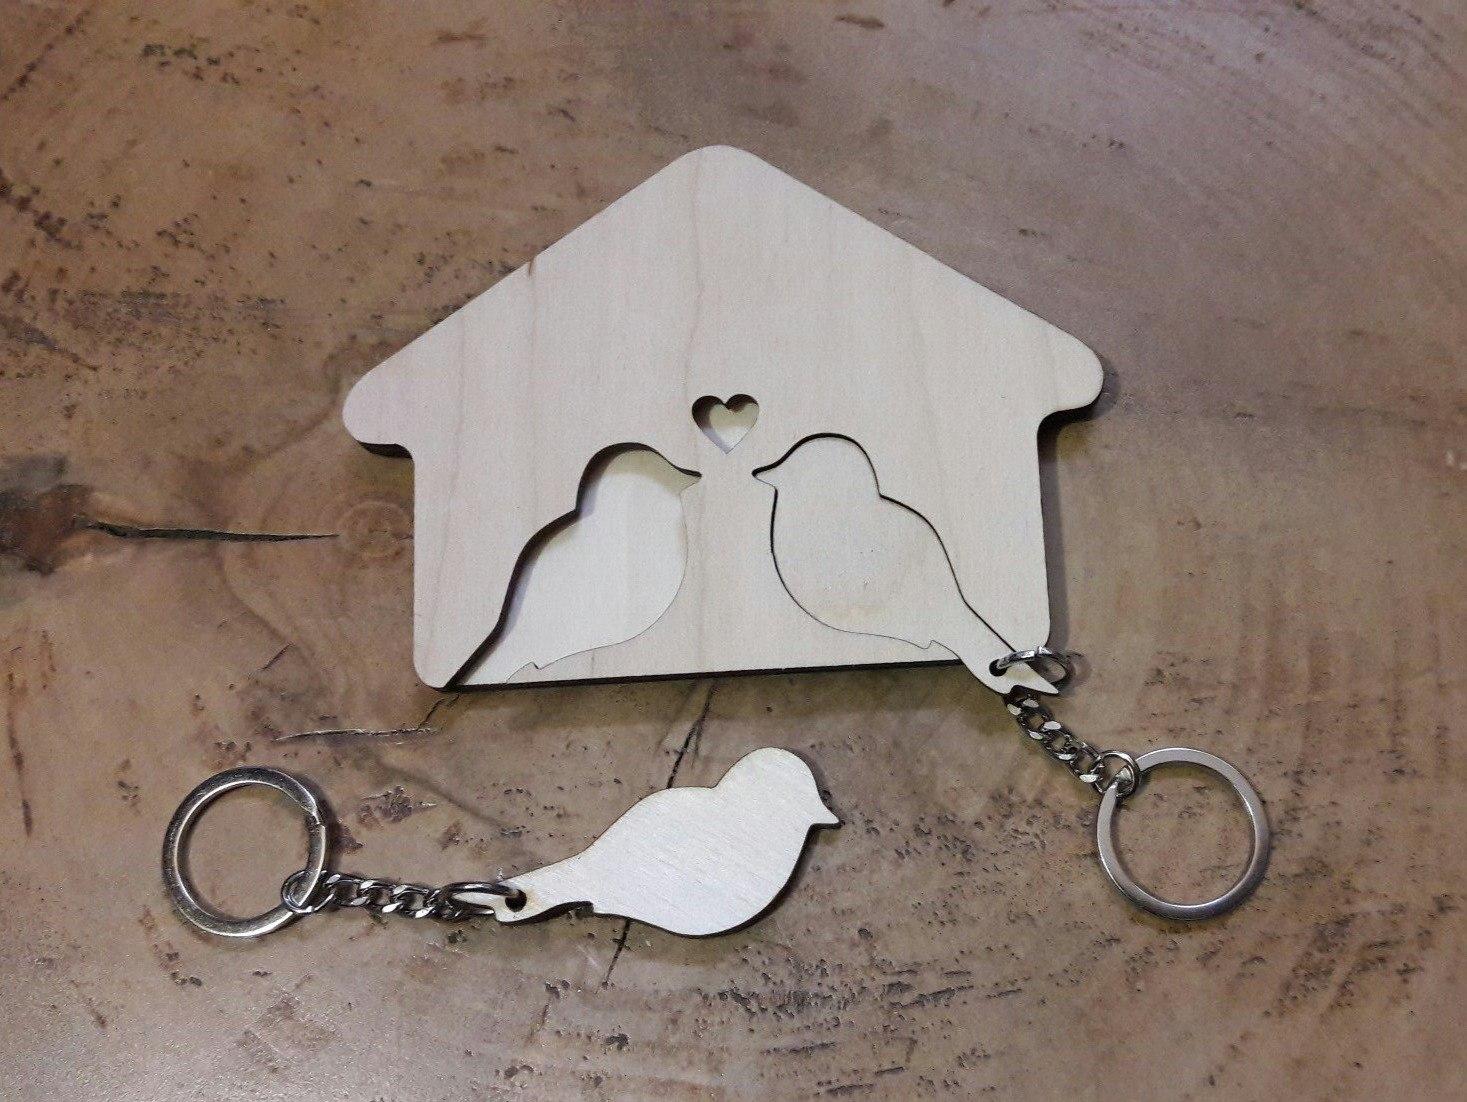 Ключница с брелками из дерева, домик для ключей. Лазерная резка и гравировка дерева, фанеры и картона